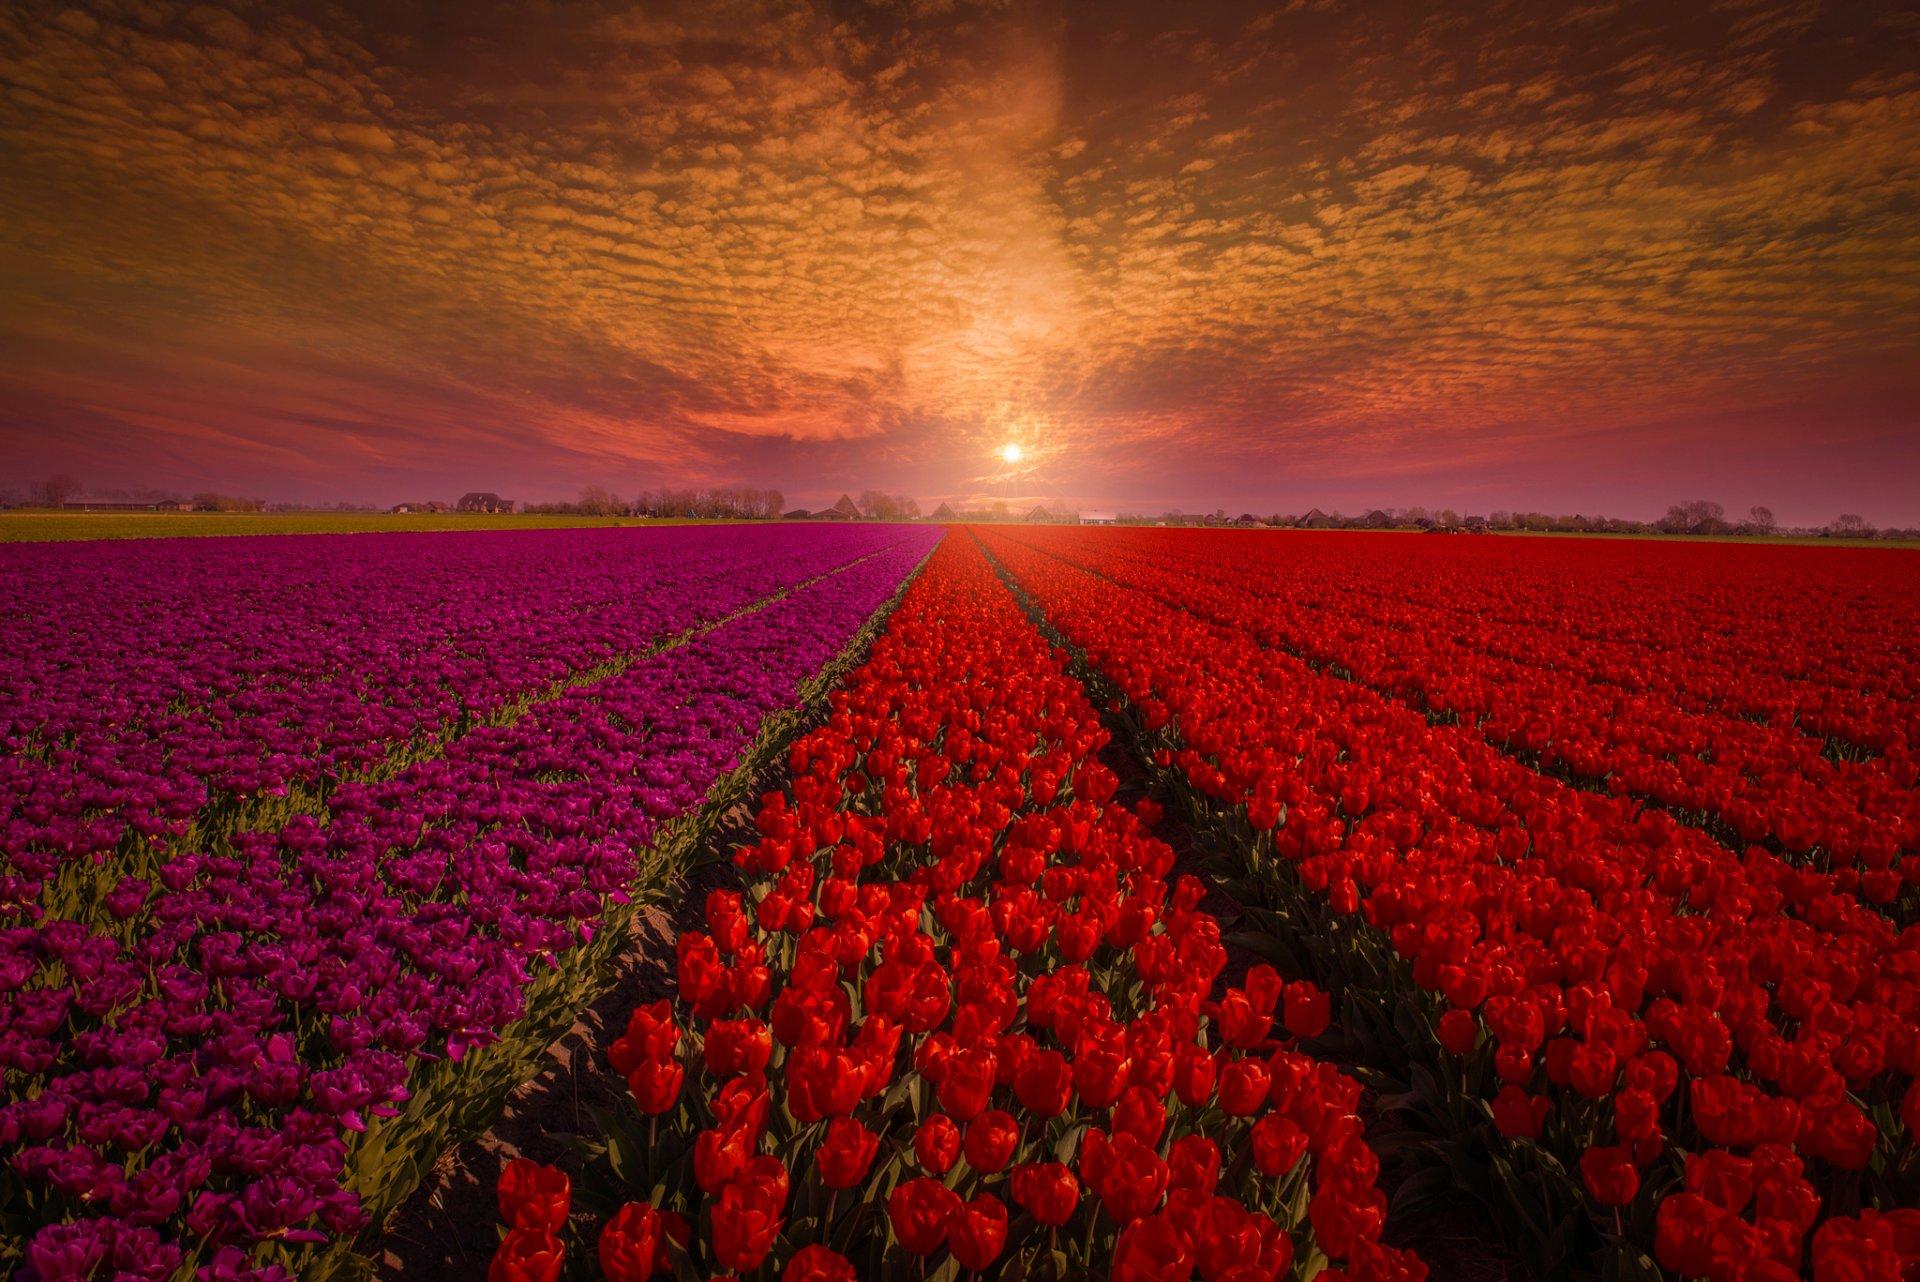 тюльпаны поляна закат  № 3285762 бесплатно